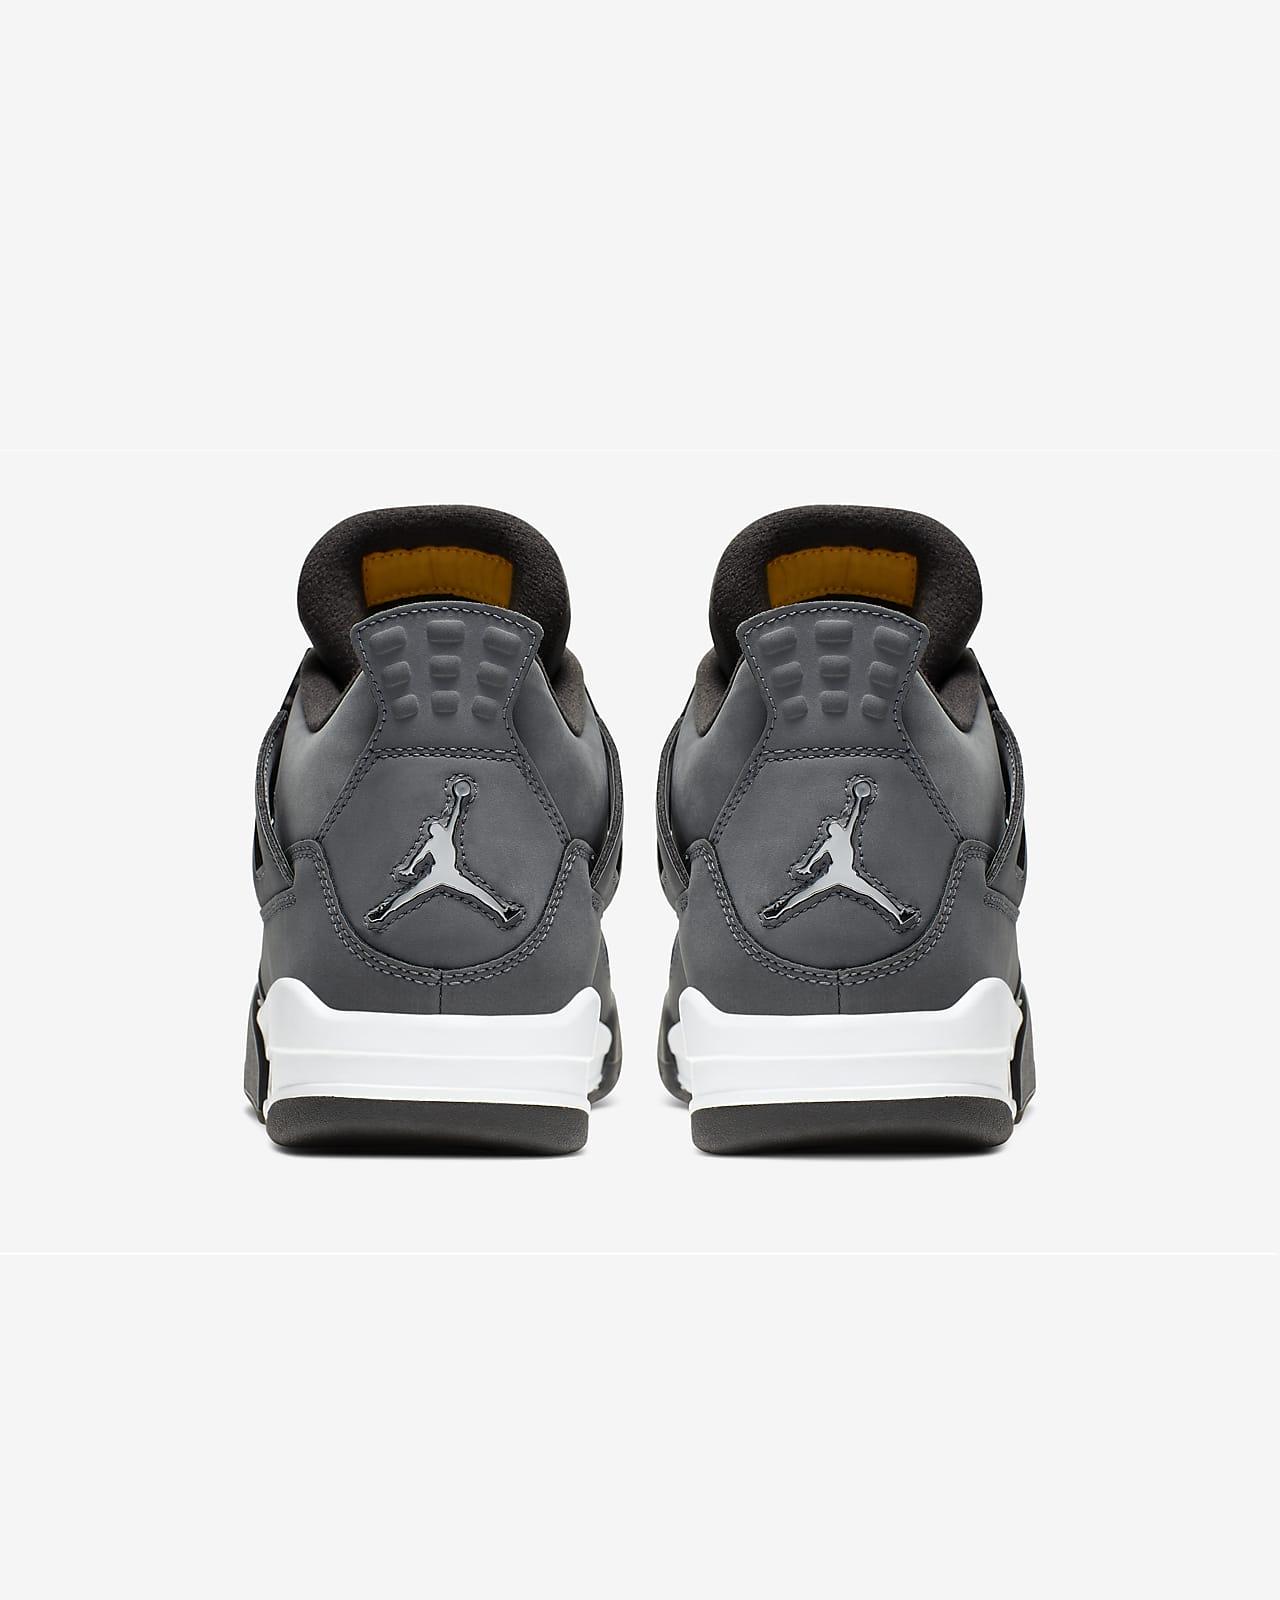 jordan 4 gray